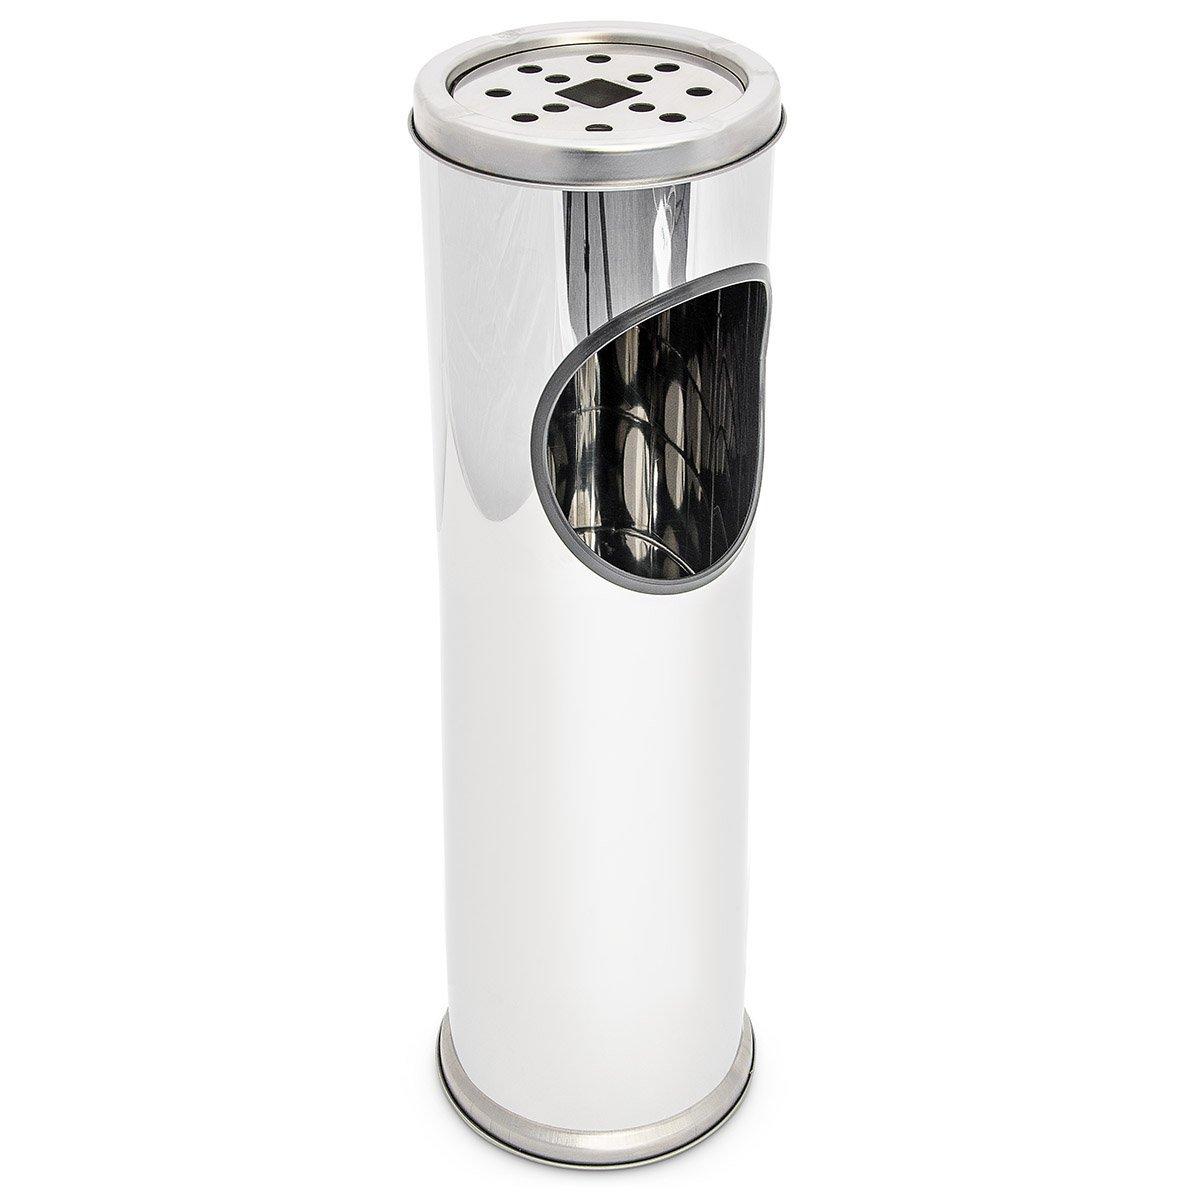 Posacenere portacenere esterno con cestino portarifiuti integrato